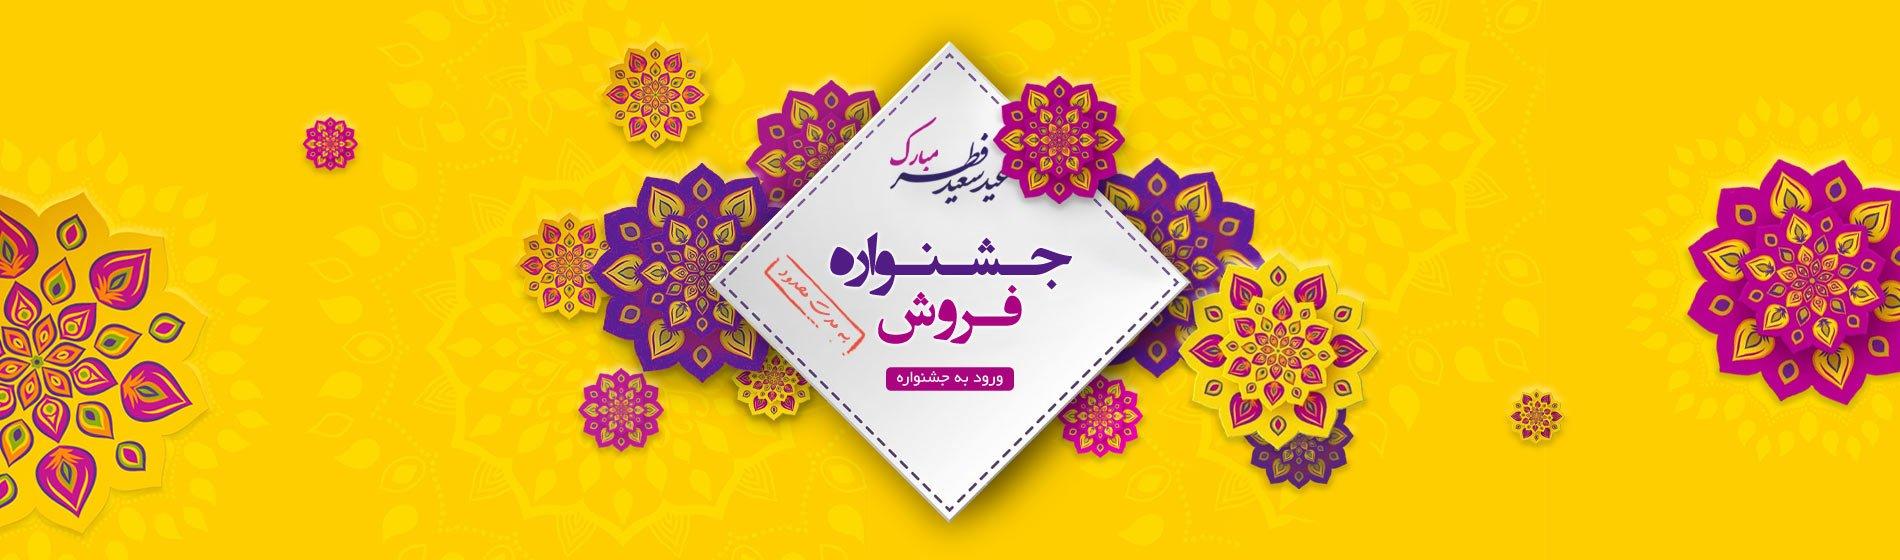 جشنواره عید فطر